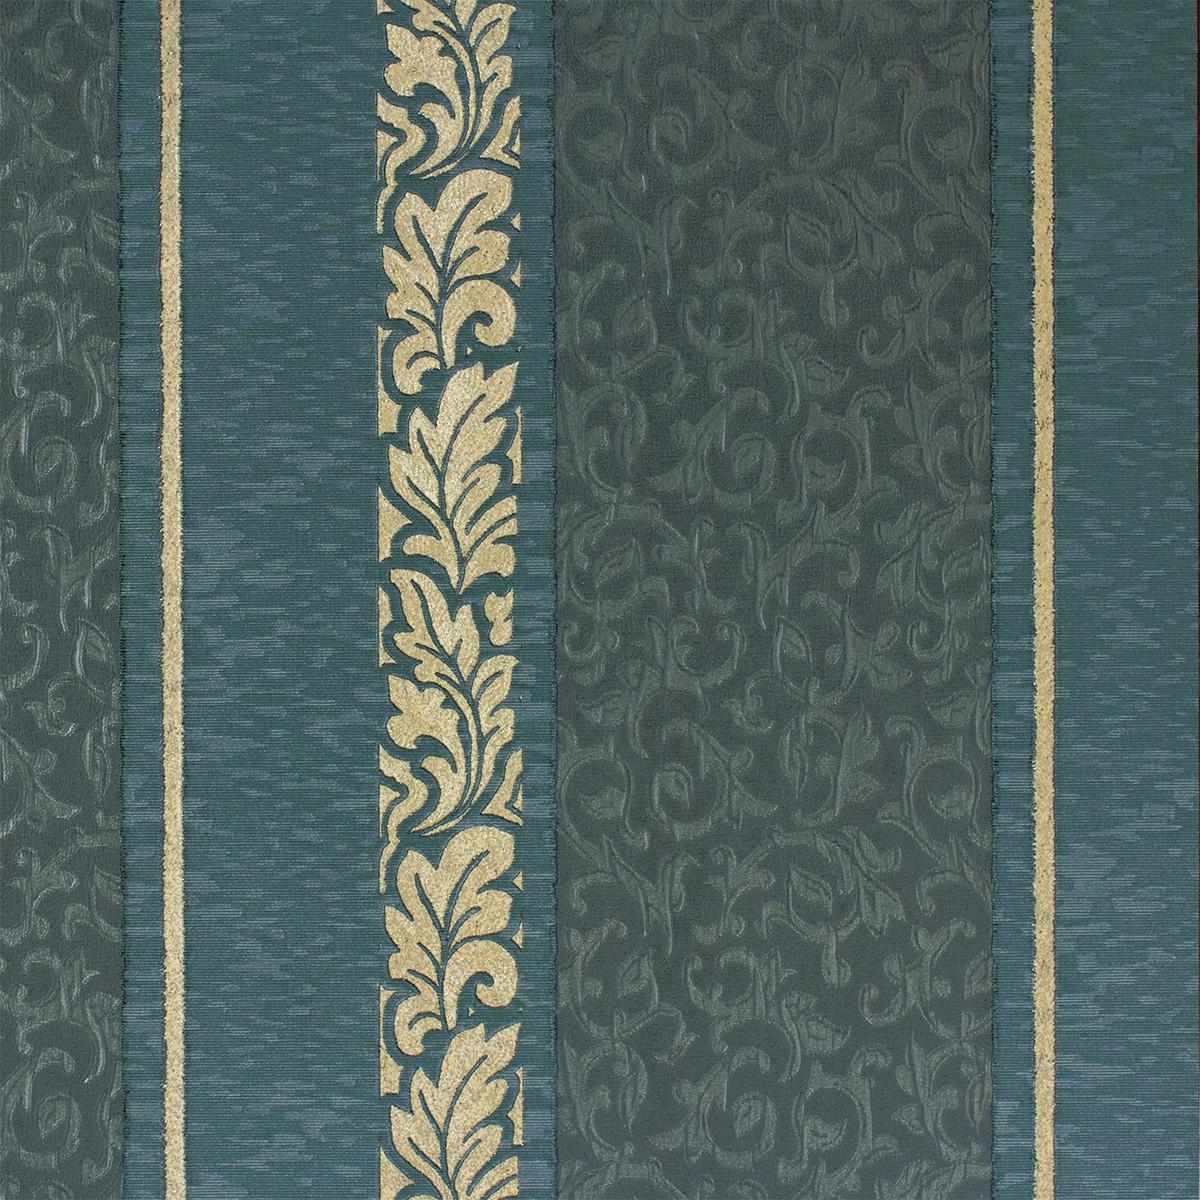 Barock Tapete Auf Leinwand : Angelica Streifen Barock t?rkis creme Tapete Rasch Textil 005326